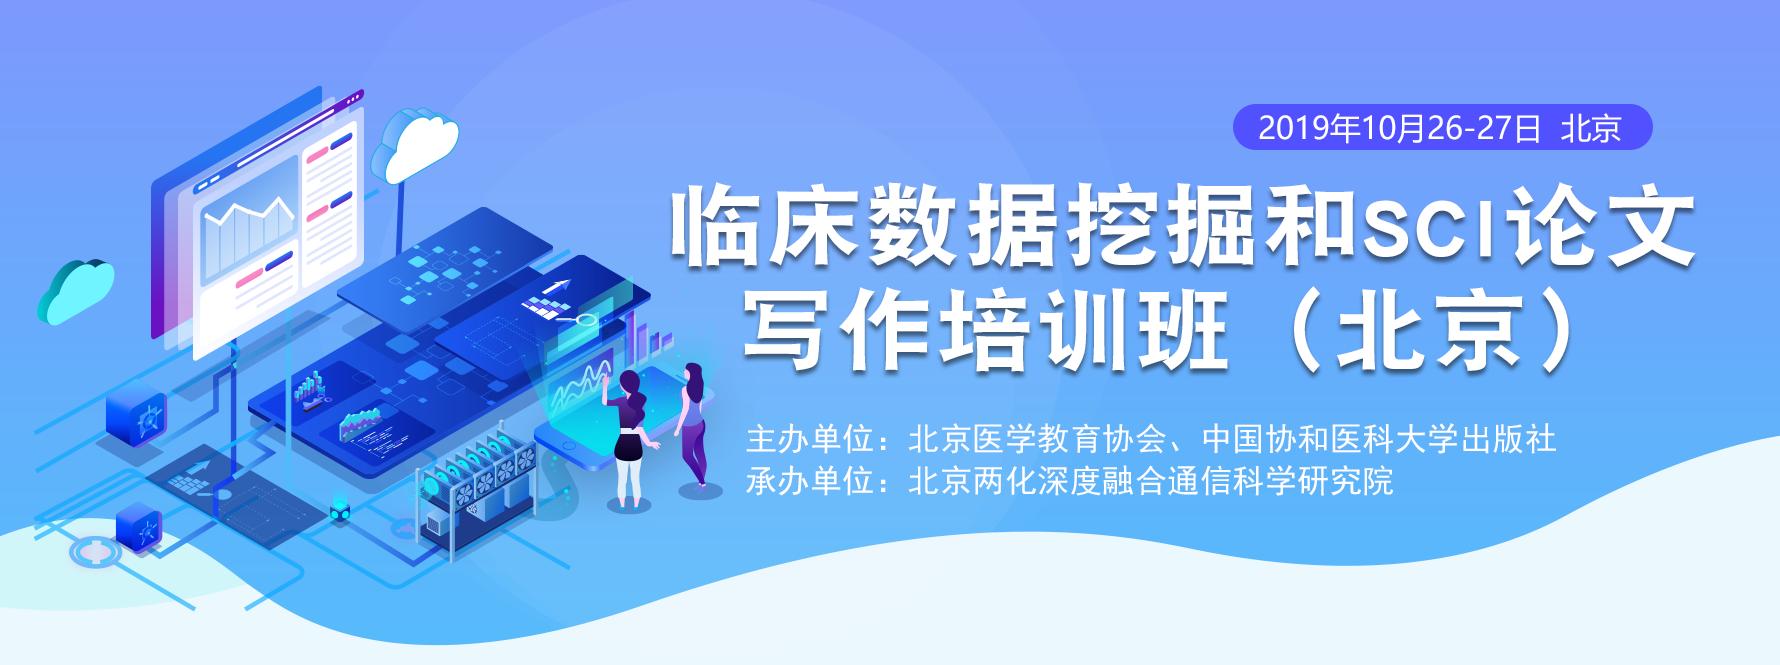 临床数据挖掘和SCI论文写作培训班(北京)